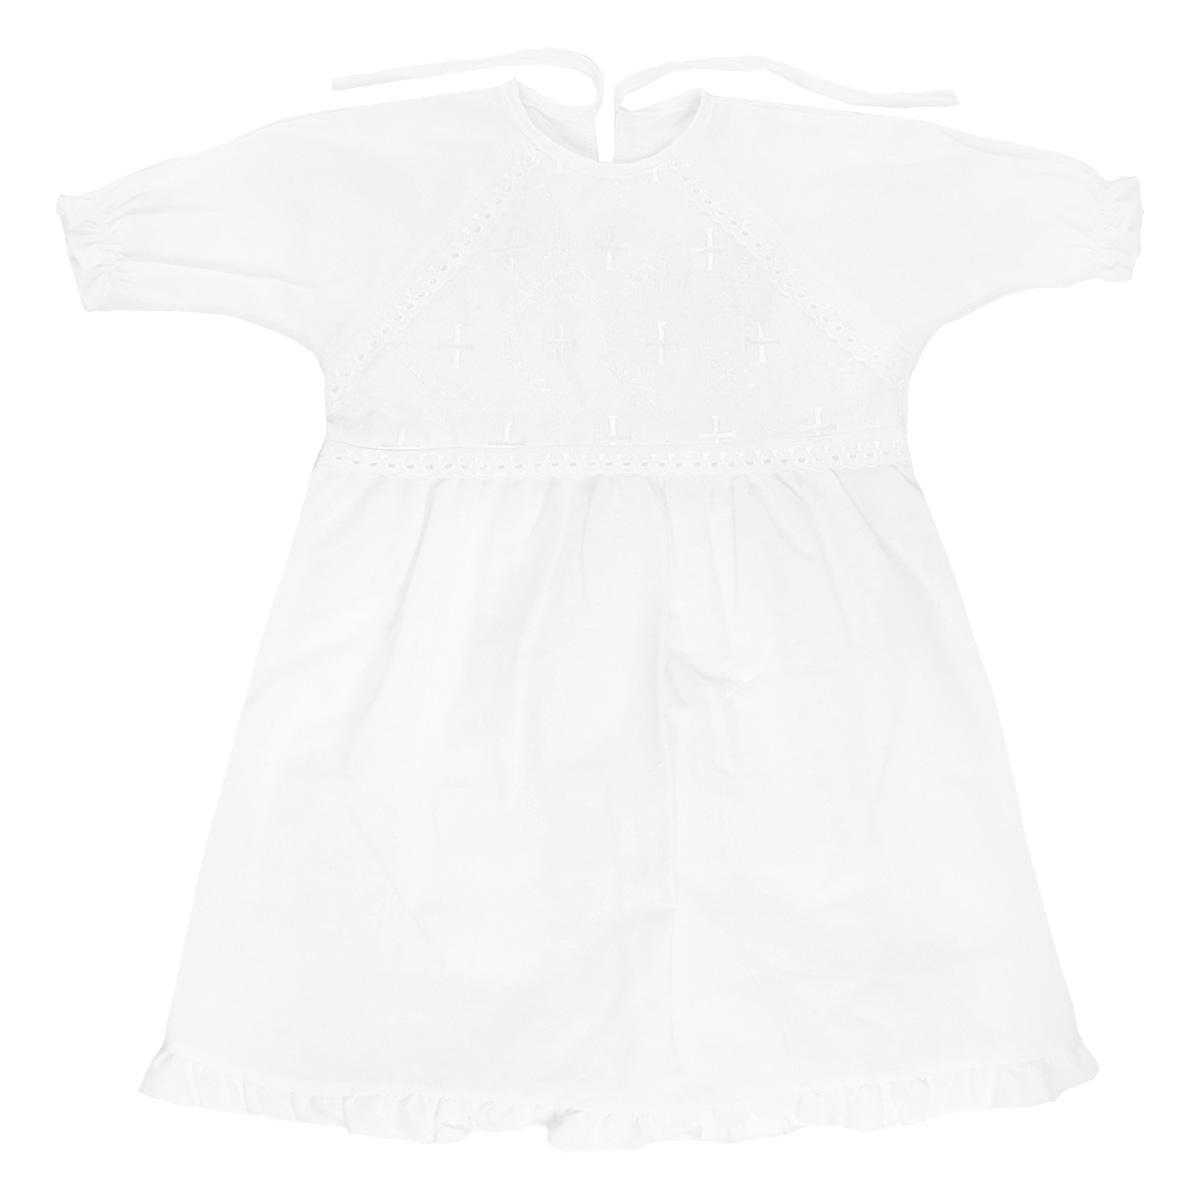 Крестильная рубашка для девочки Трон-плюс, цвет: белый. 1149. Размер 68, 6 месяцев1149Крестильная рубашка для девочки Трон-плюс, выполненная из натурального хлопка, идеально подойдет для крещения вашей малышки. Рубашка необычайно мягкая и приятная на ощупь, не сковывает движения и позволяет коже дышать, не раздражает нежную кожу ребенка, обеспечивая ему наибольший комфорт. Рубашка трапециевидной формы с рукавами-реглан имеет две завязки на спинке, которые помогают с легкостью переодеть младенца. На груди рубашечка украшена ажурными рюшами и вышивками. Низ рукавов дополнен эластичной резинкой, не сдавливающей запястья малышки, а низ изделия украшен очаровательной оборкой, придающей рубашечке пышность. От линии талии заложены складочки, придающие рубашке пышность.Благодаря такой рубашке ваша малышка не замерзнет, и будет выглядеть нарядно.